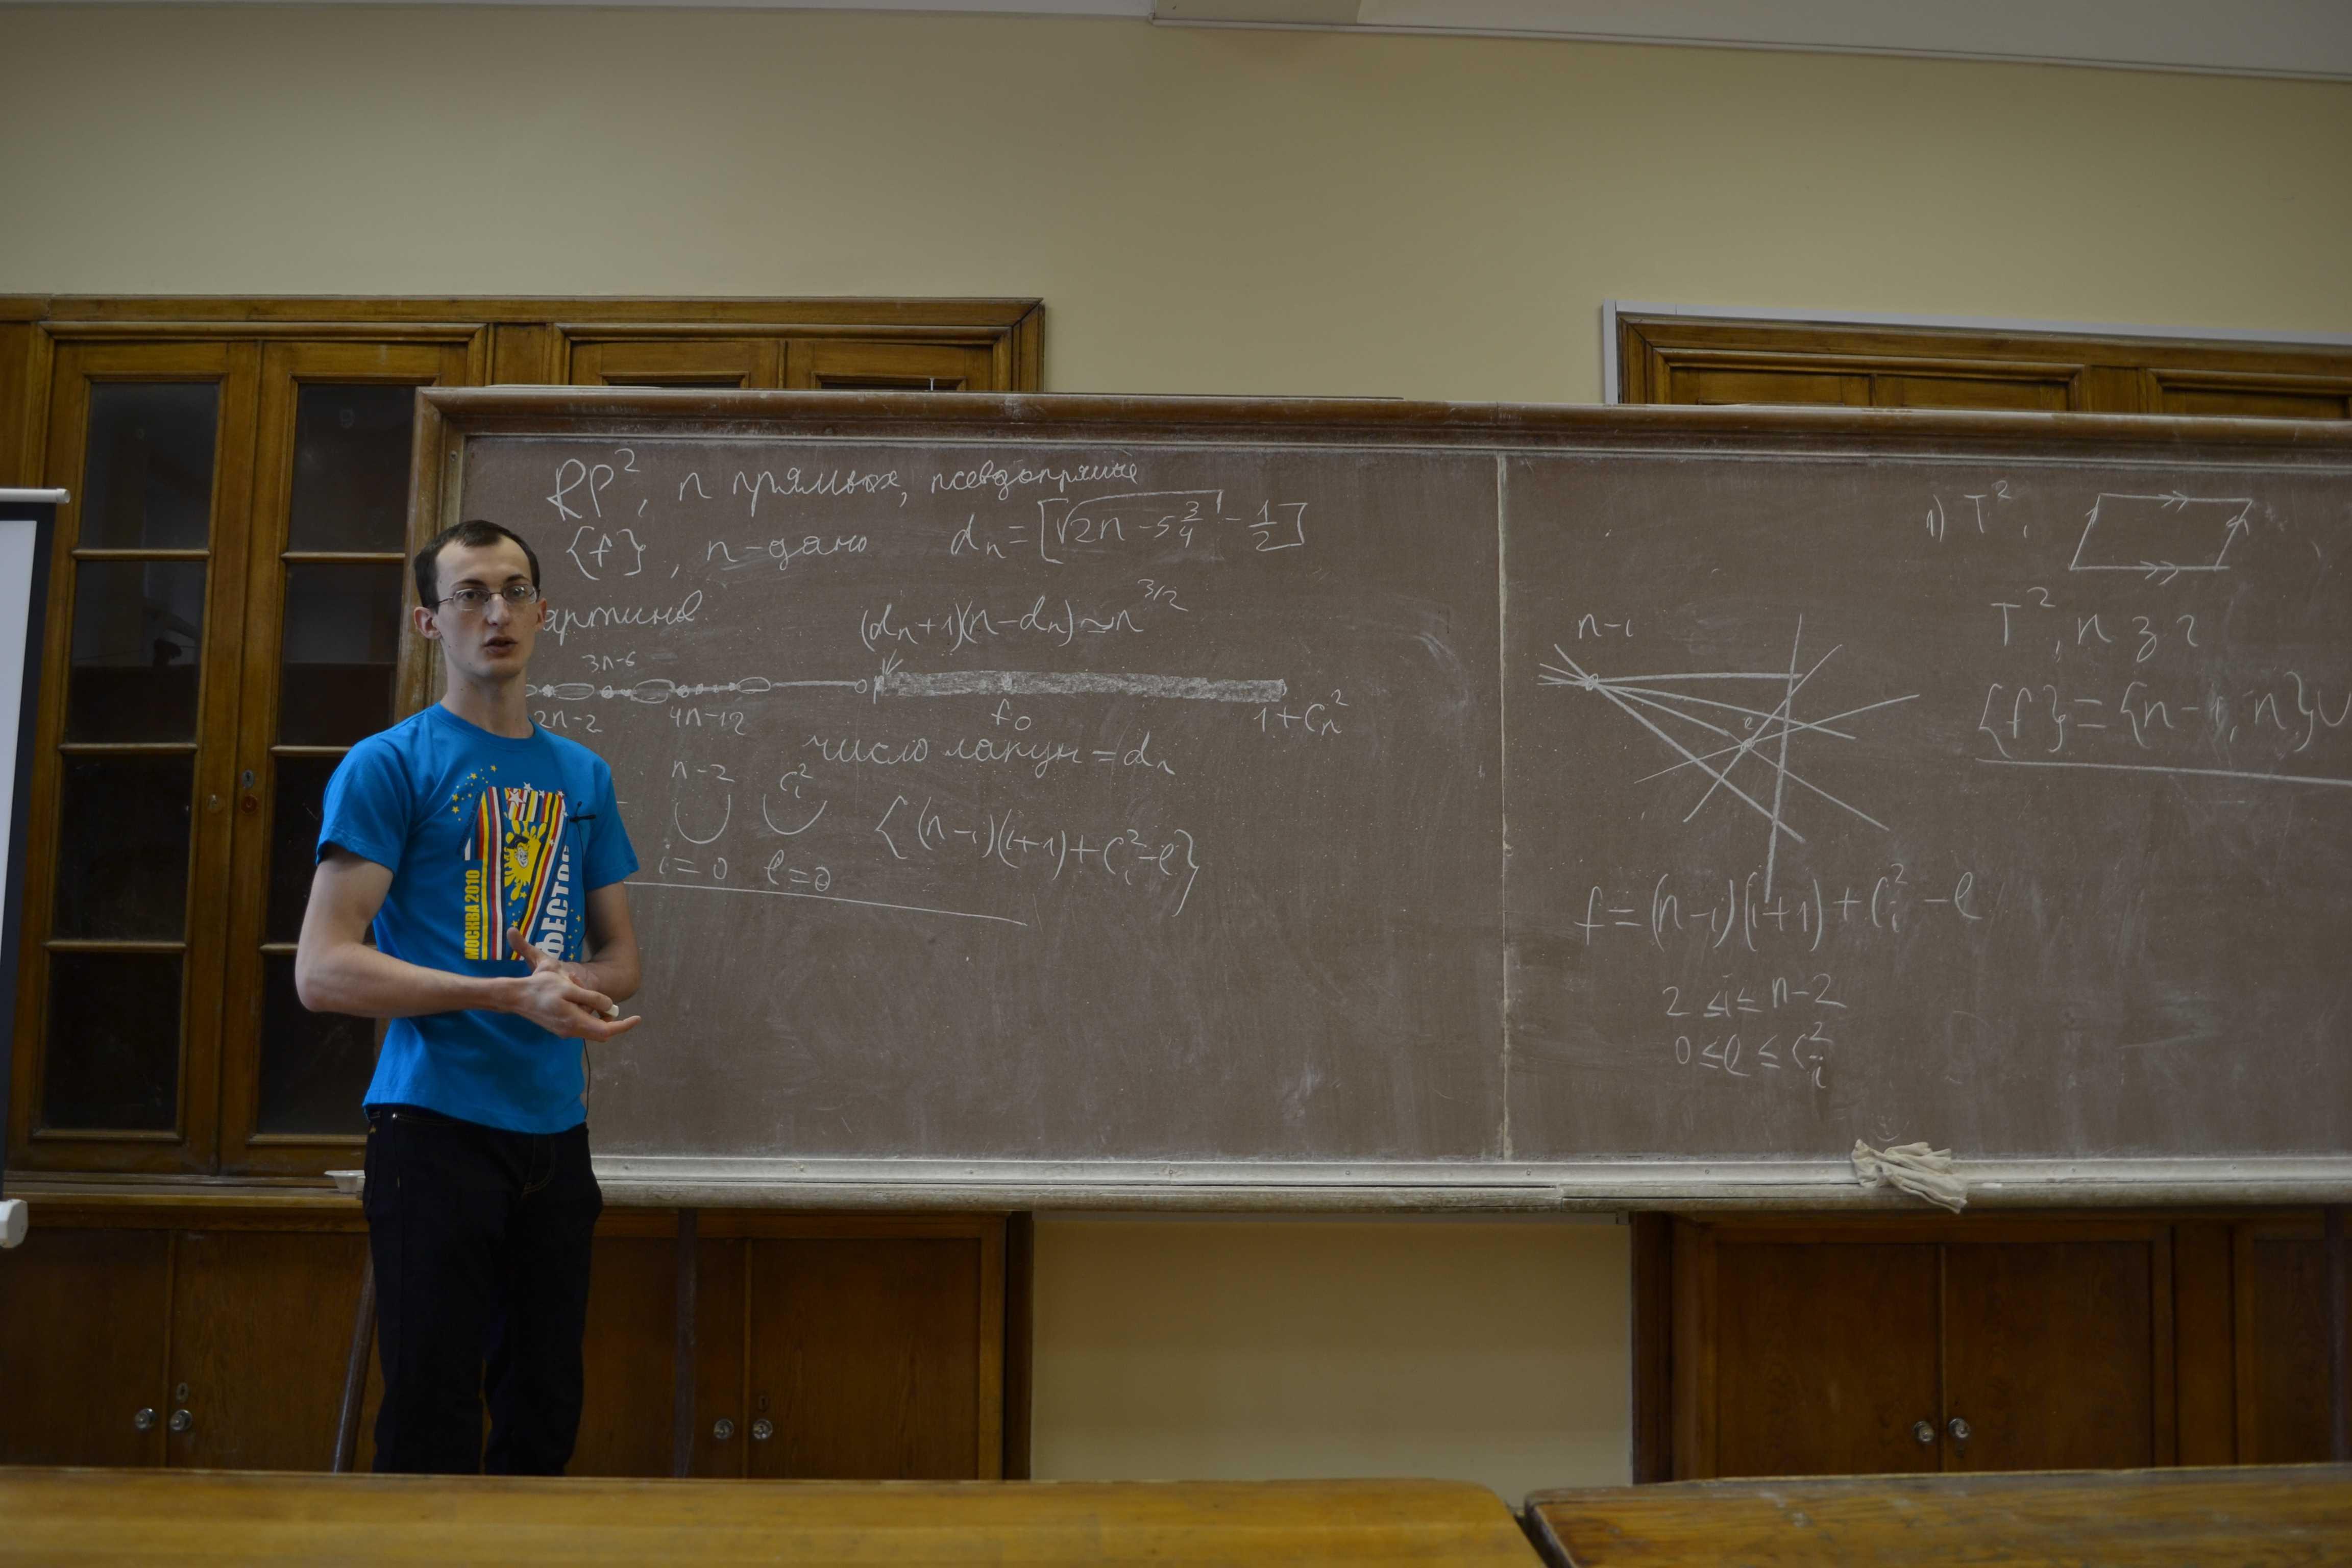 Shnurnikov's talk